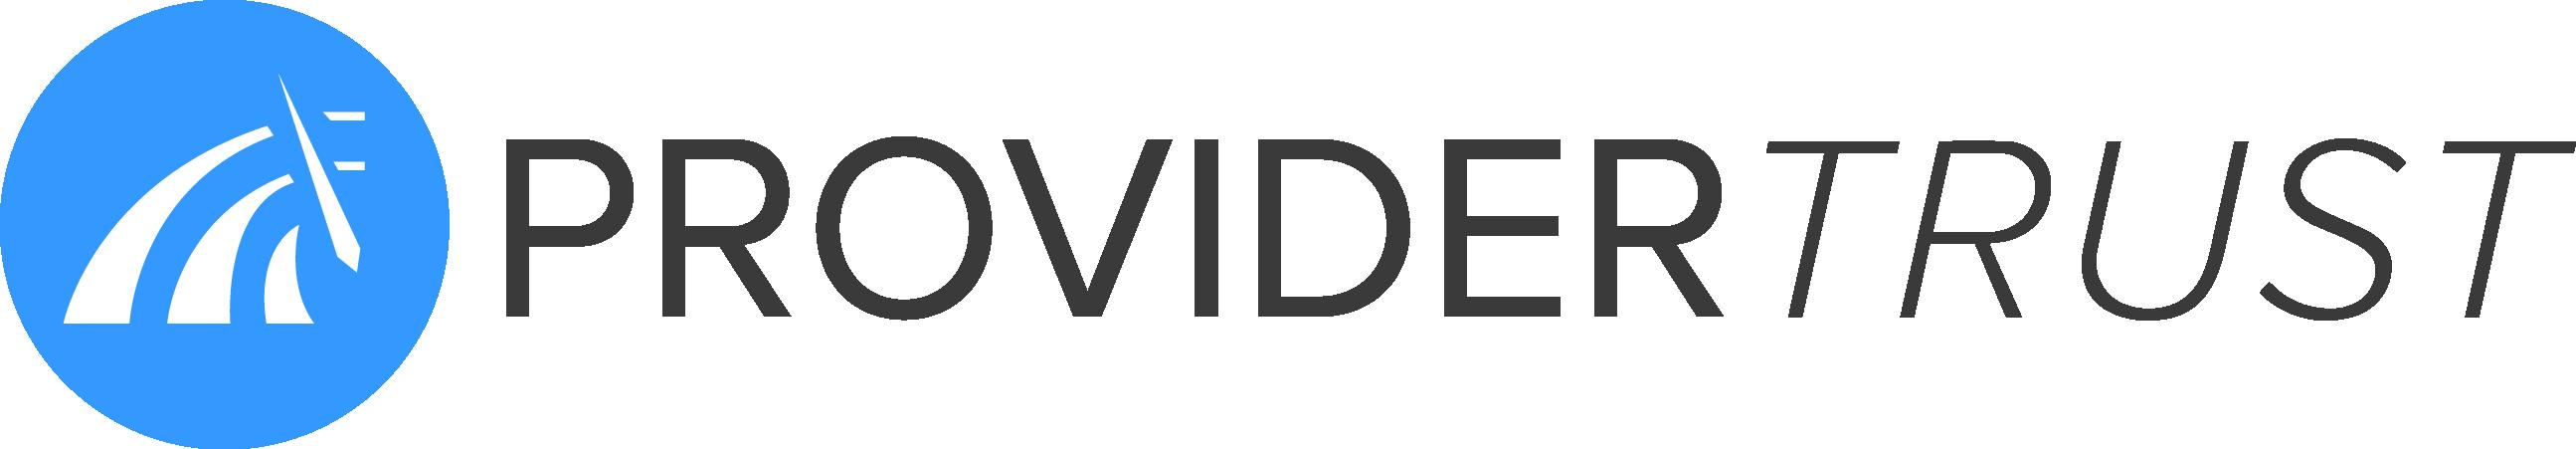 ProviderTrust Company Logo